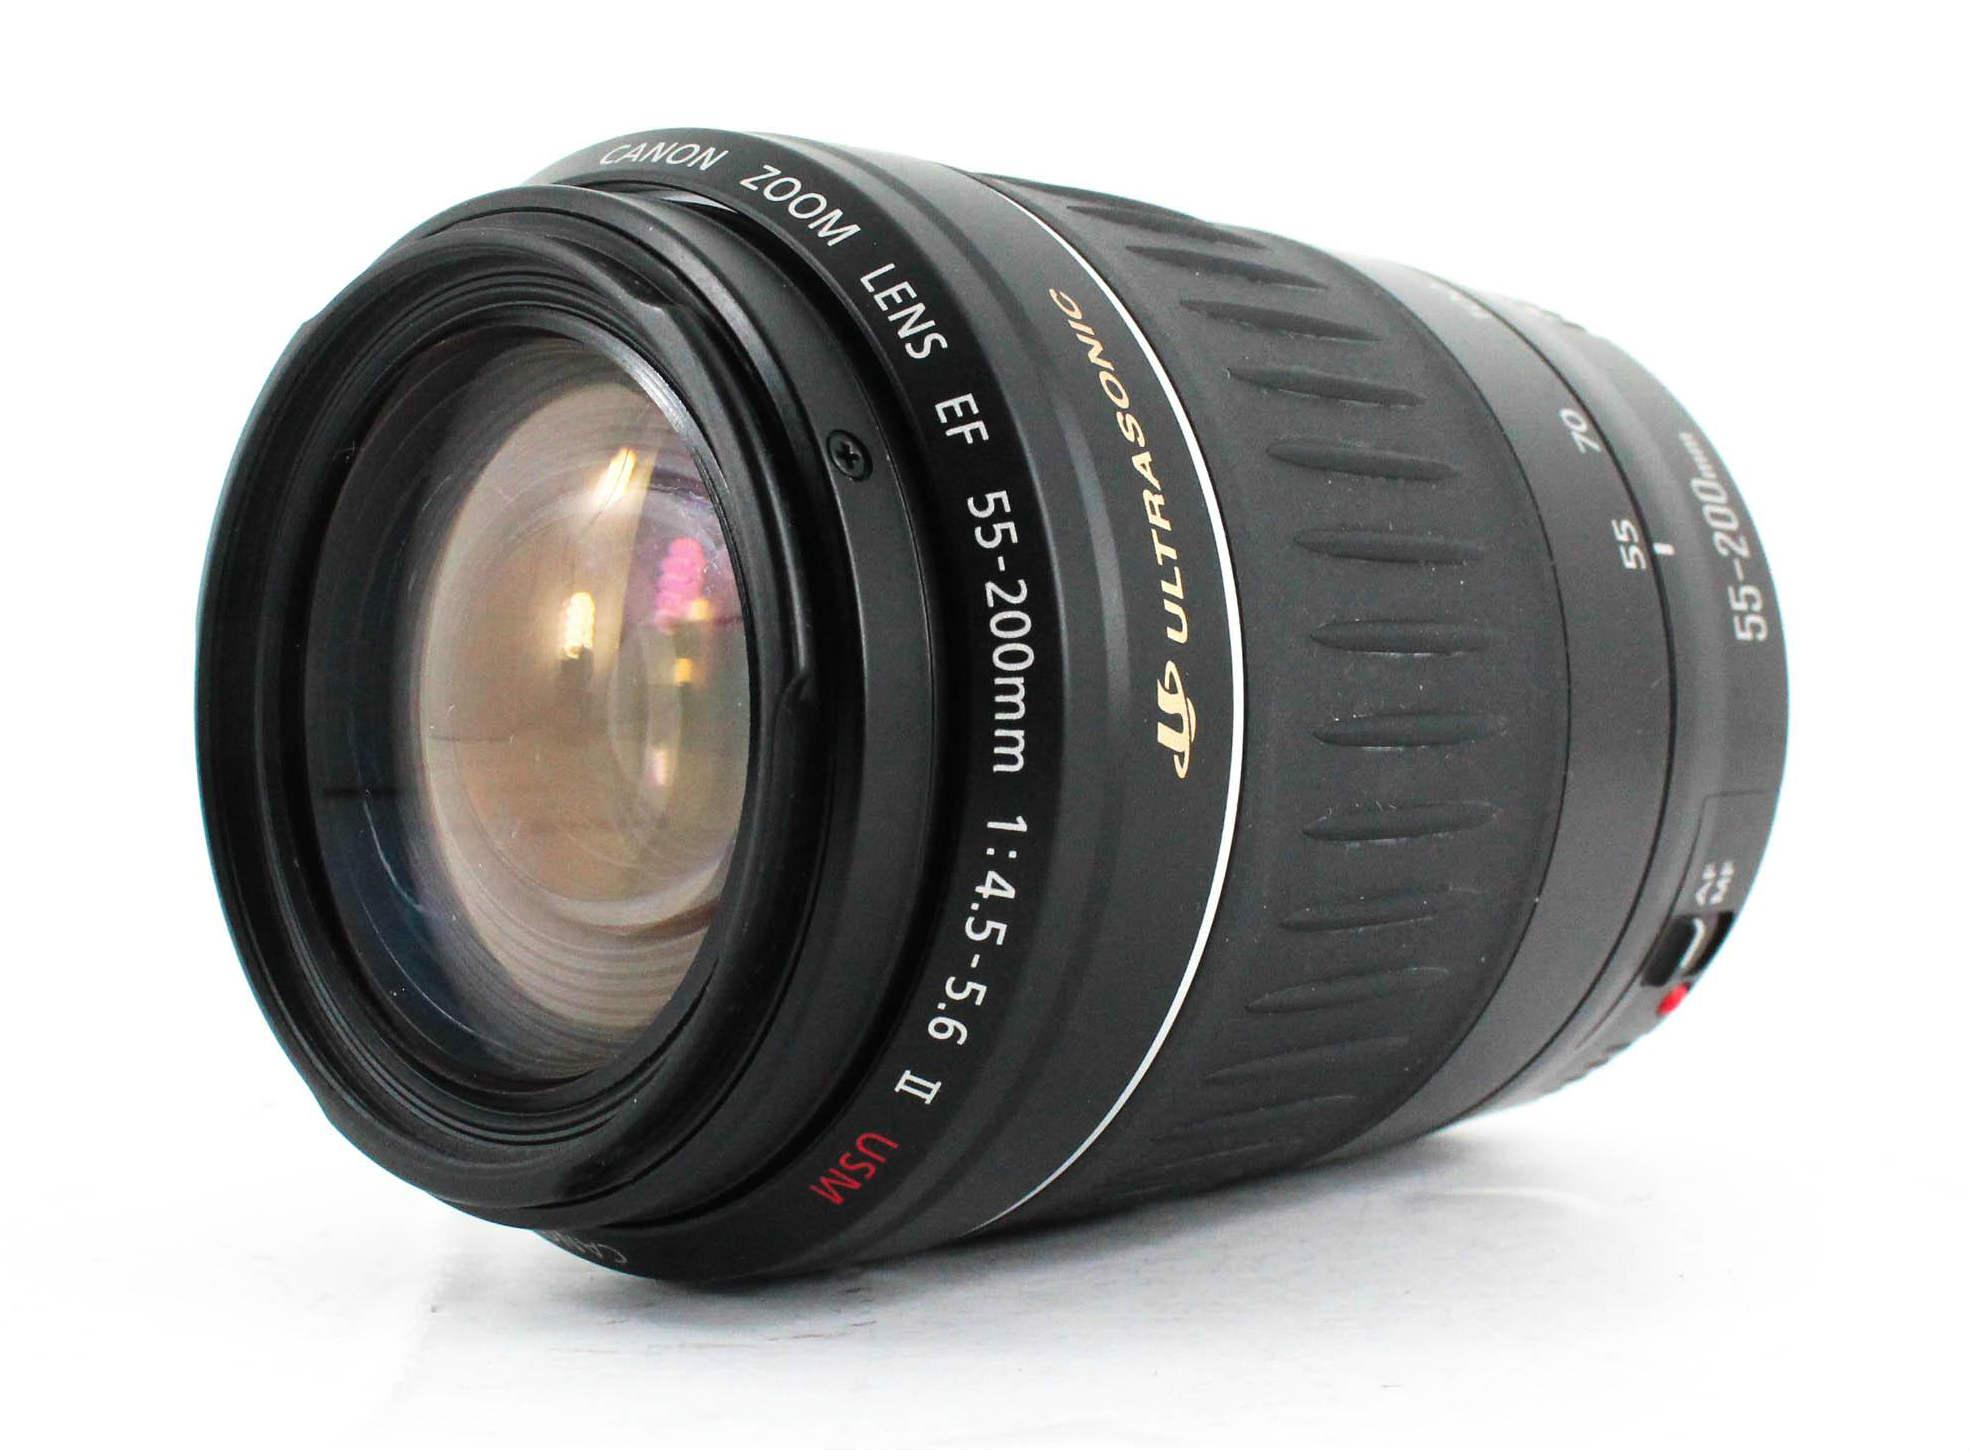 canon55 250 image